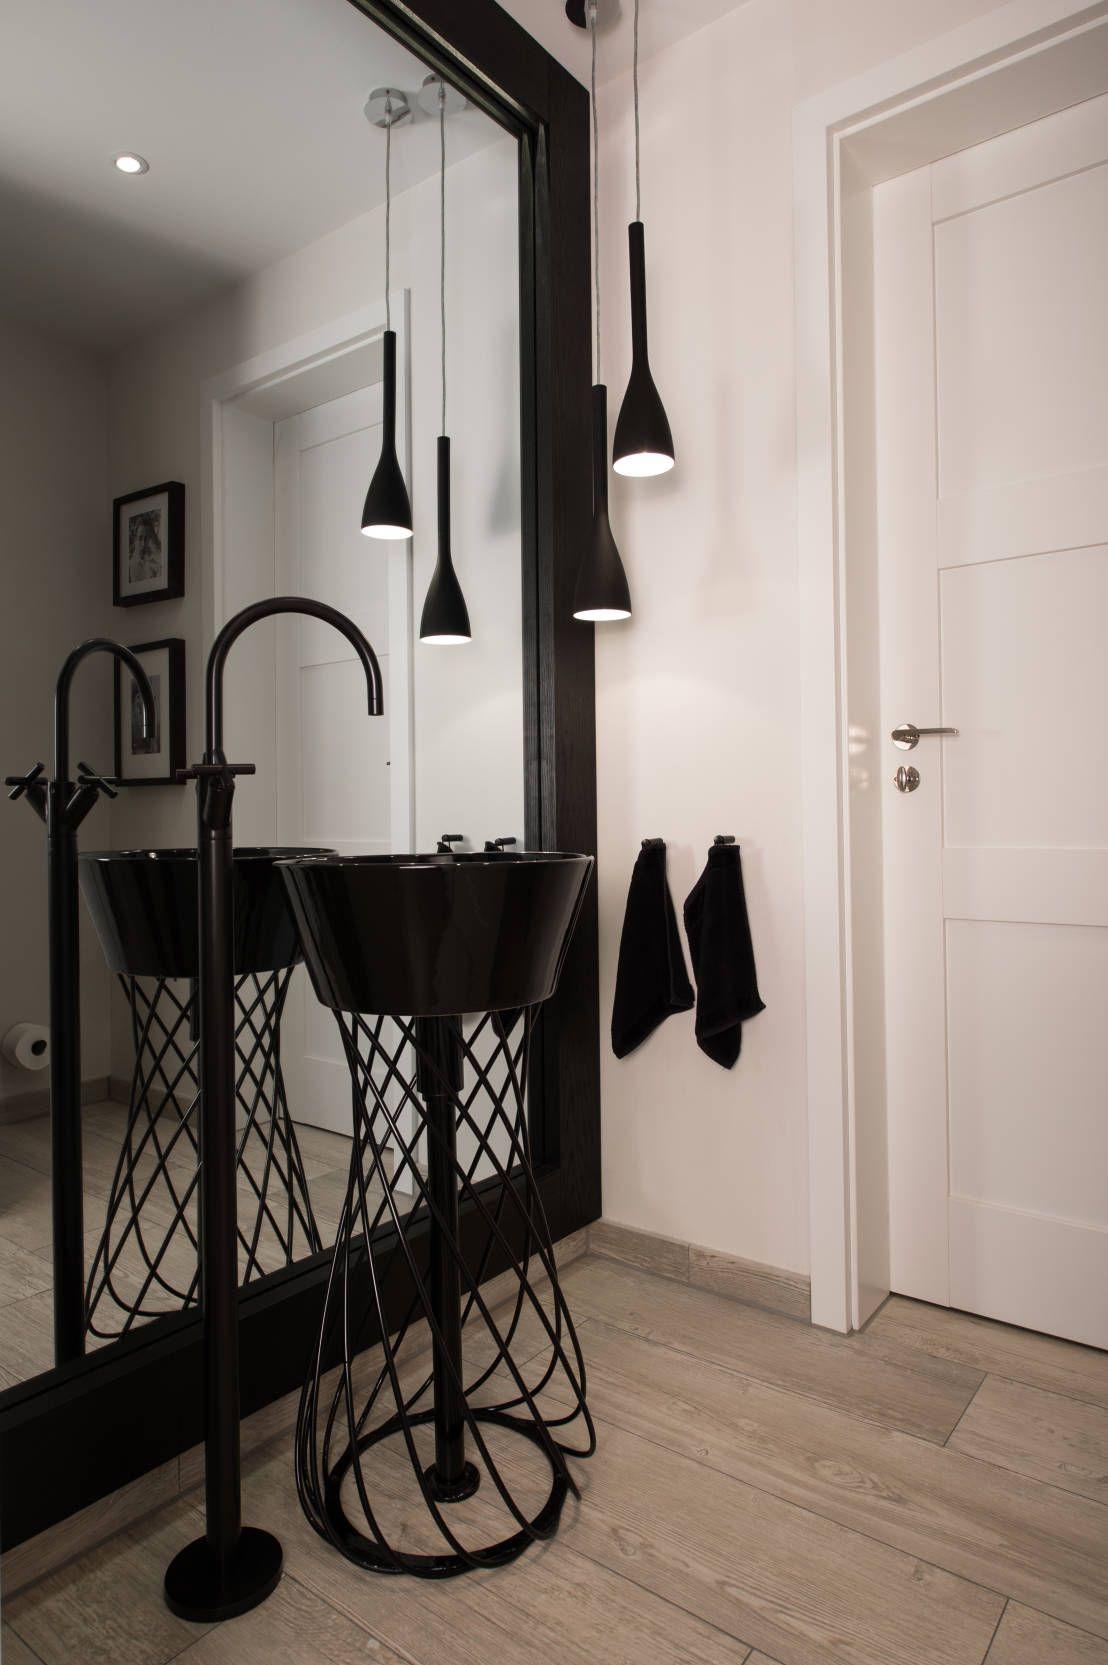 7 Ausgefallene Ideen Fur S Bad Gaste Wc Led Lampen Wohnzimmer